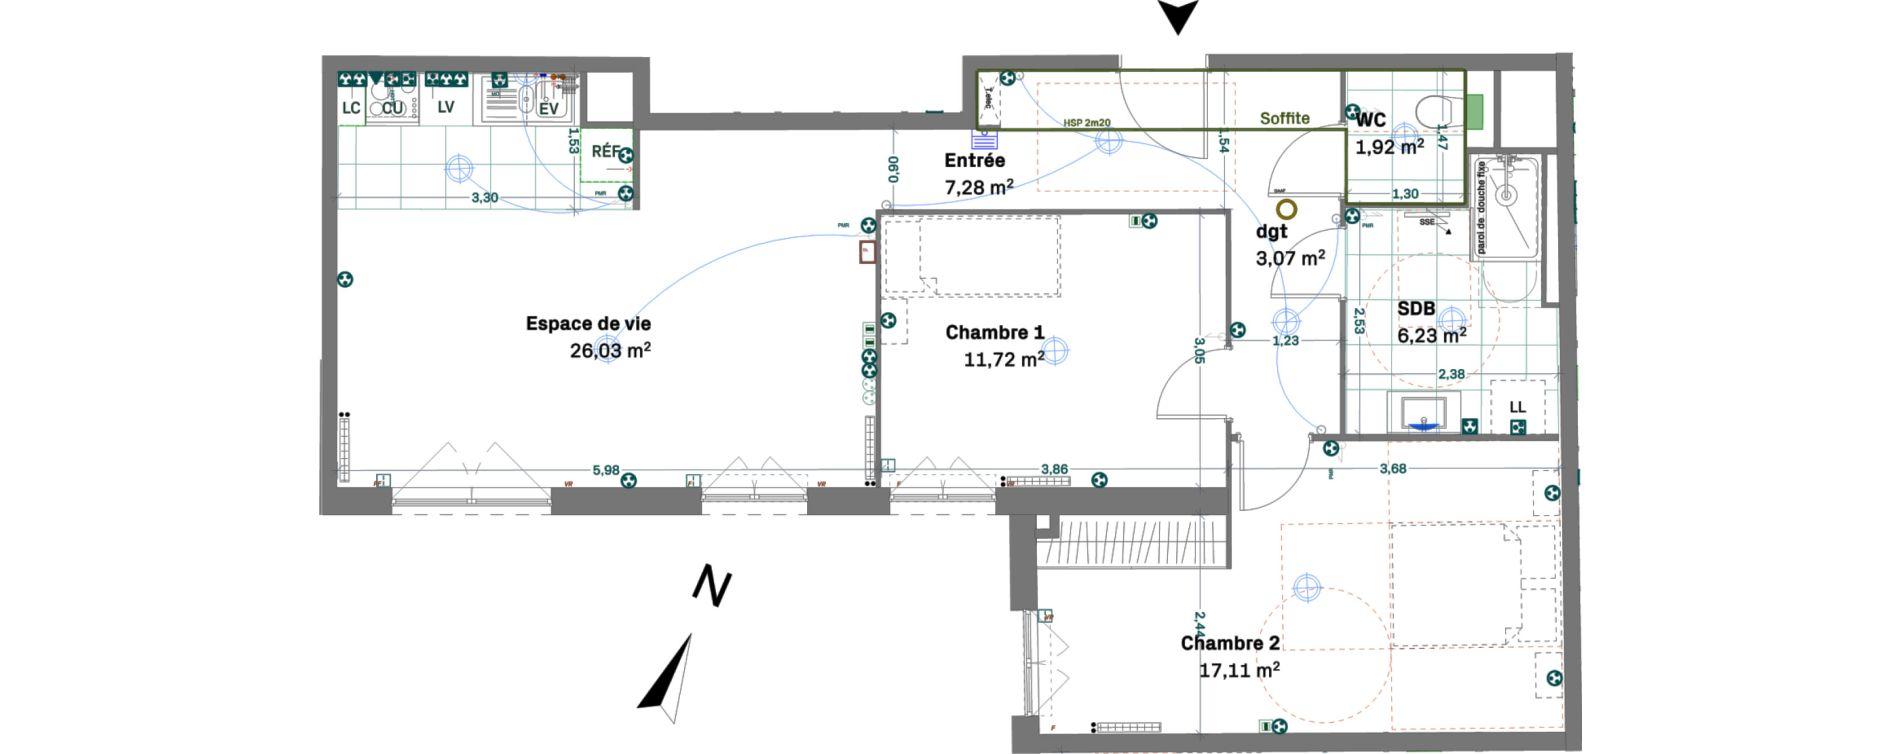 Appartement T3 de 73,36 m2 à Chessy Centre